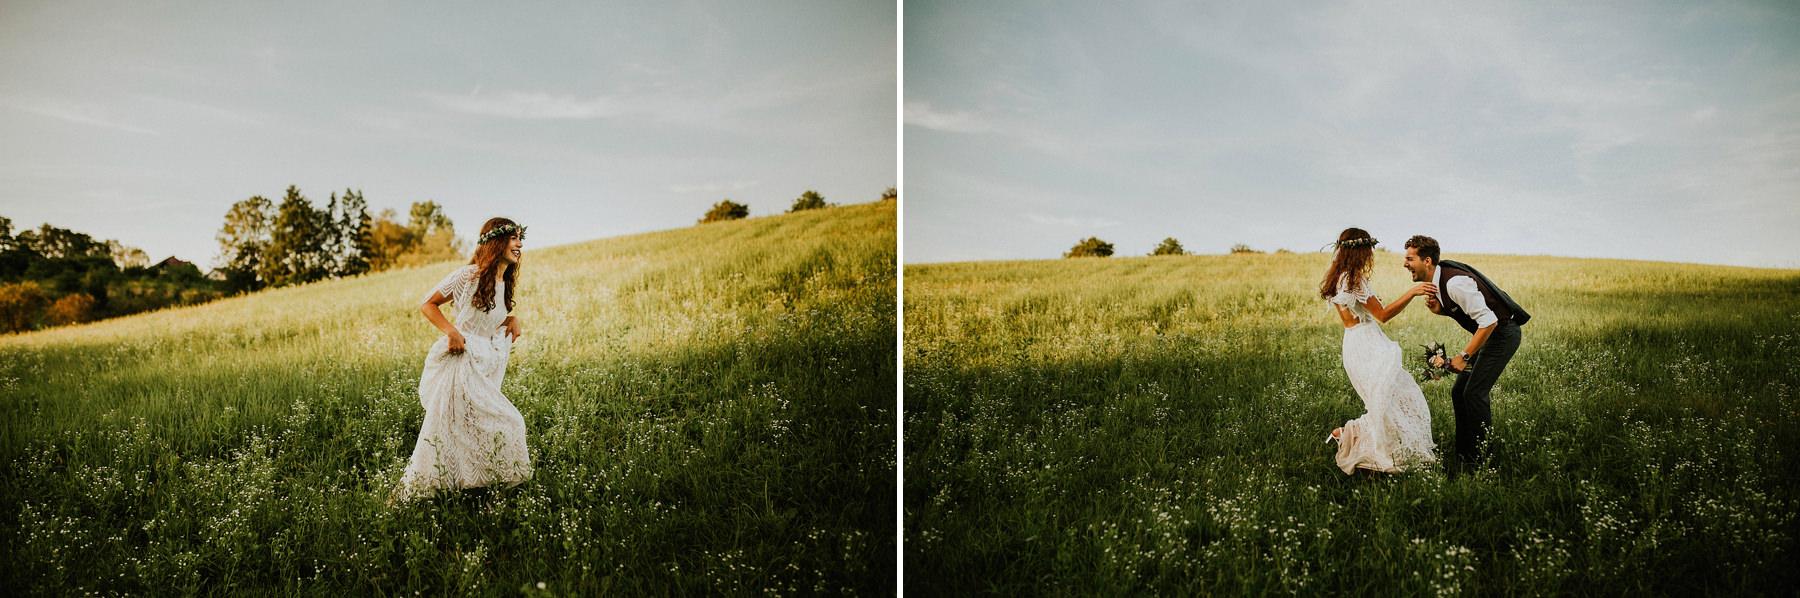 sesja w naturze okolice krakowa